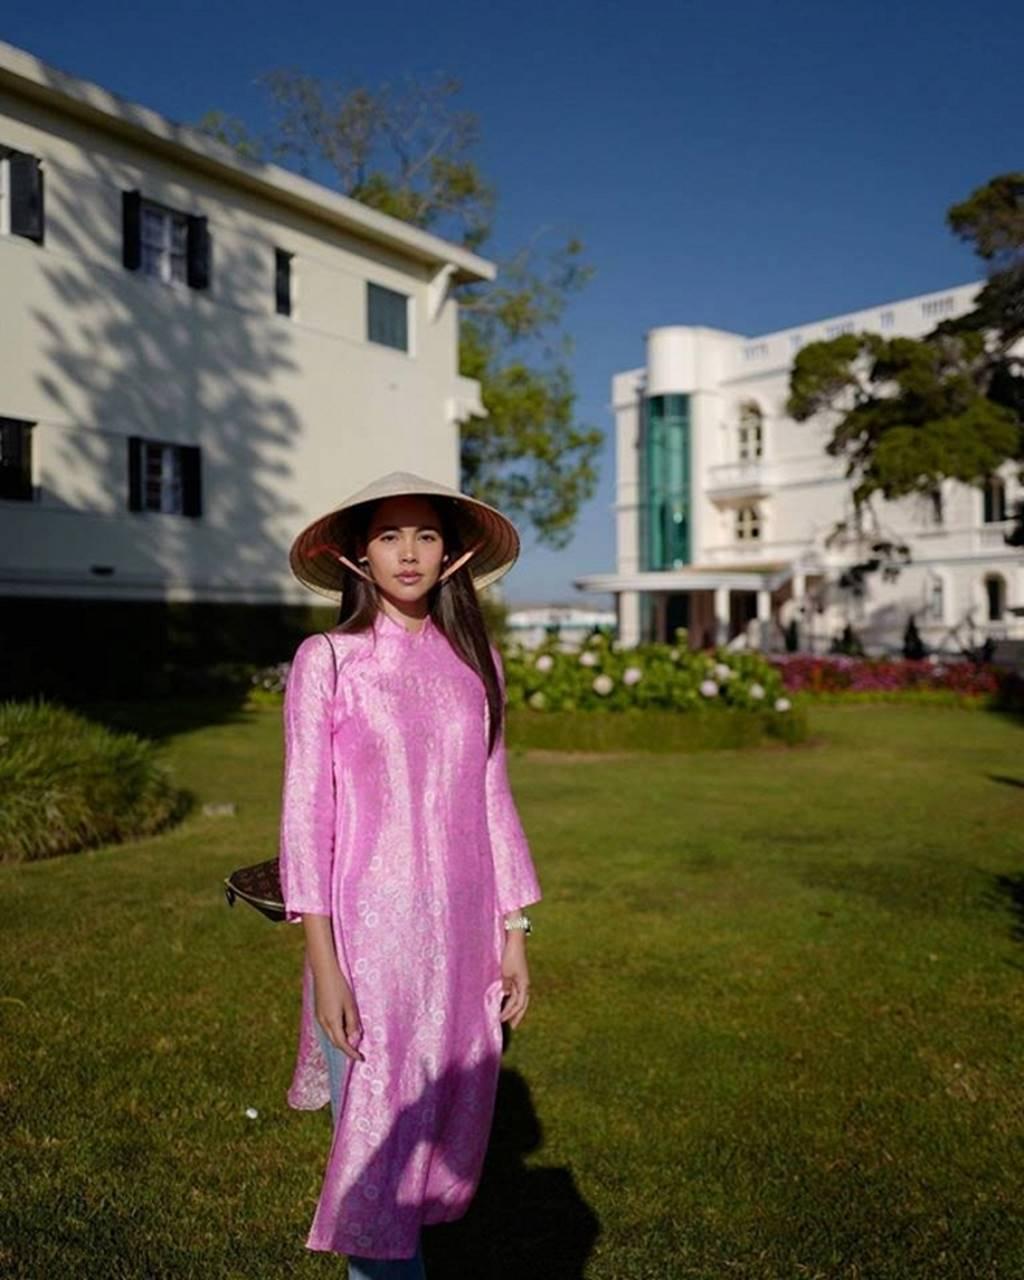 Mê mẩn trước nhan sắc ngọc nữ xứ Chùa Vàng diện áo dài vừa du lịch ở Việt Nam-2